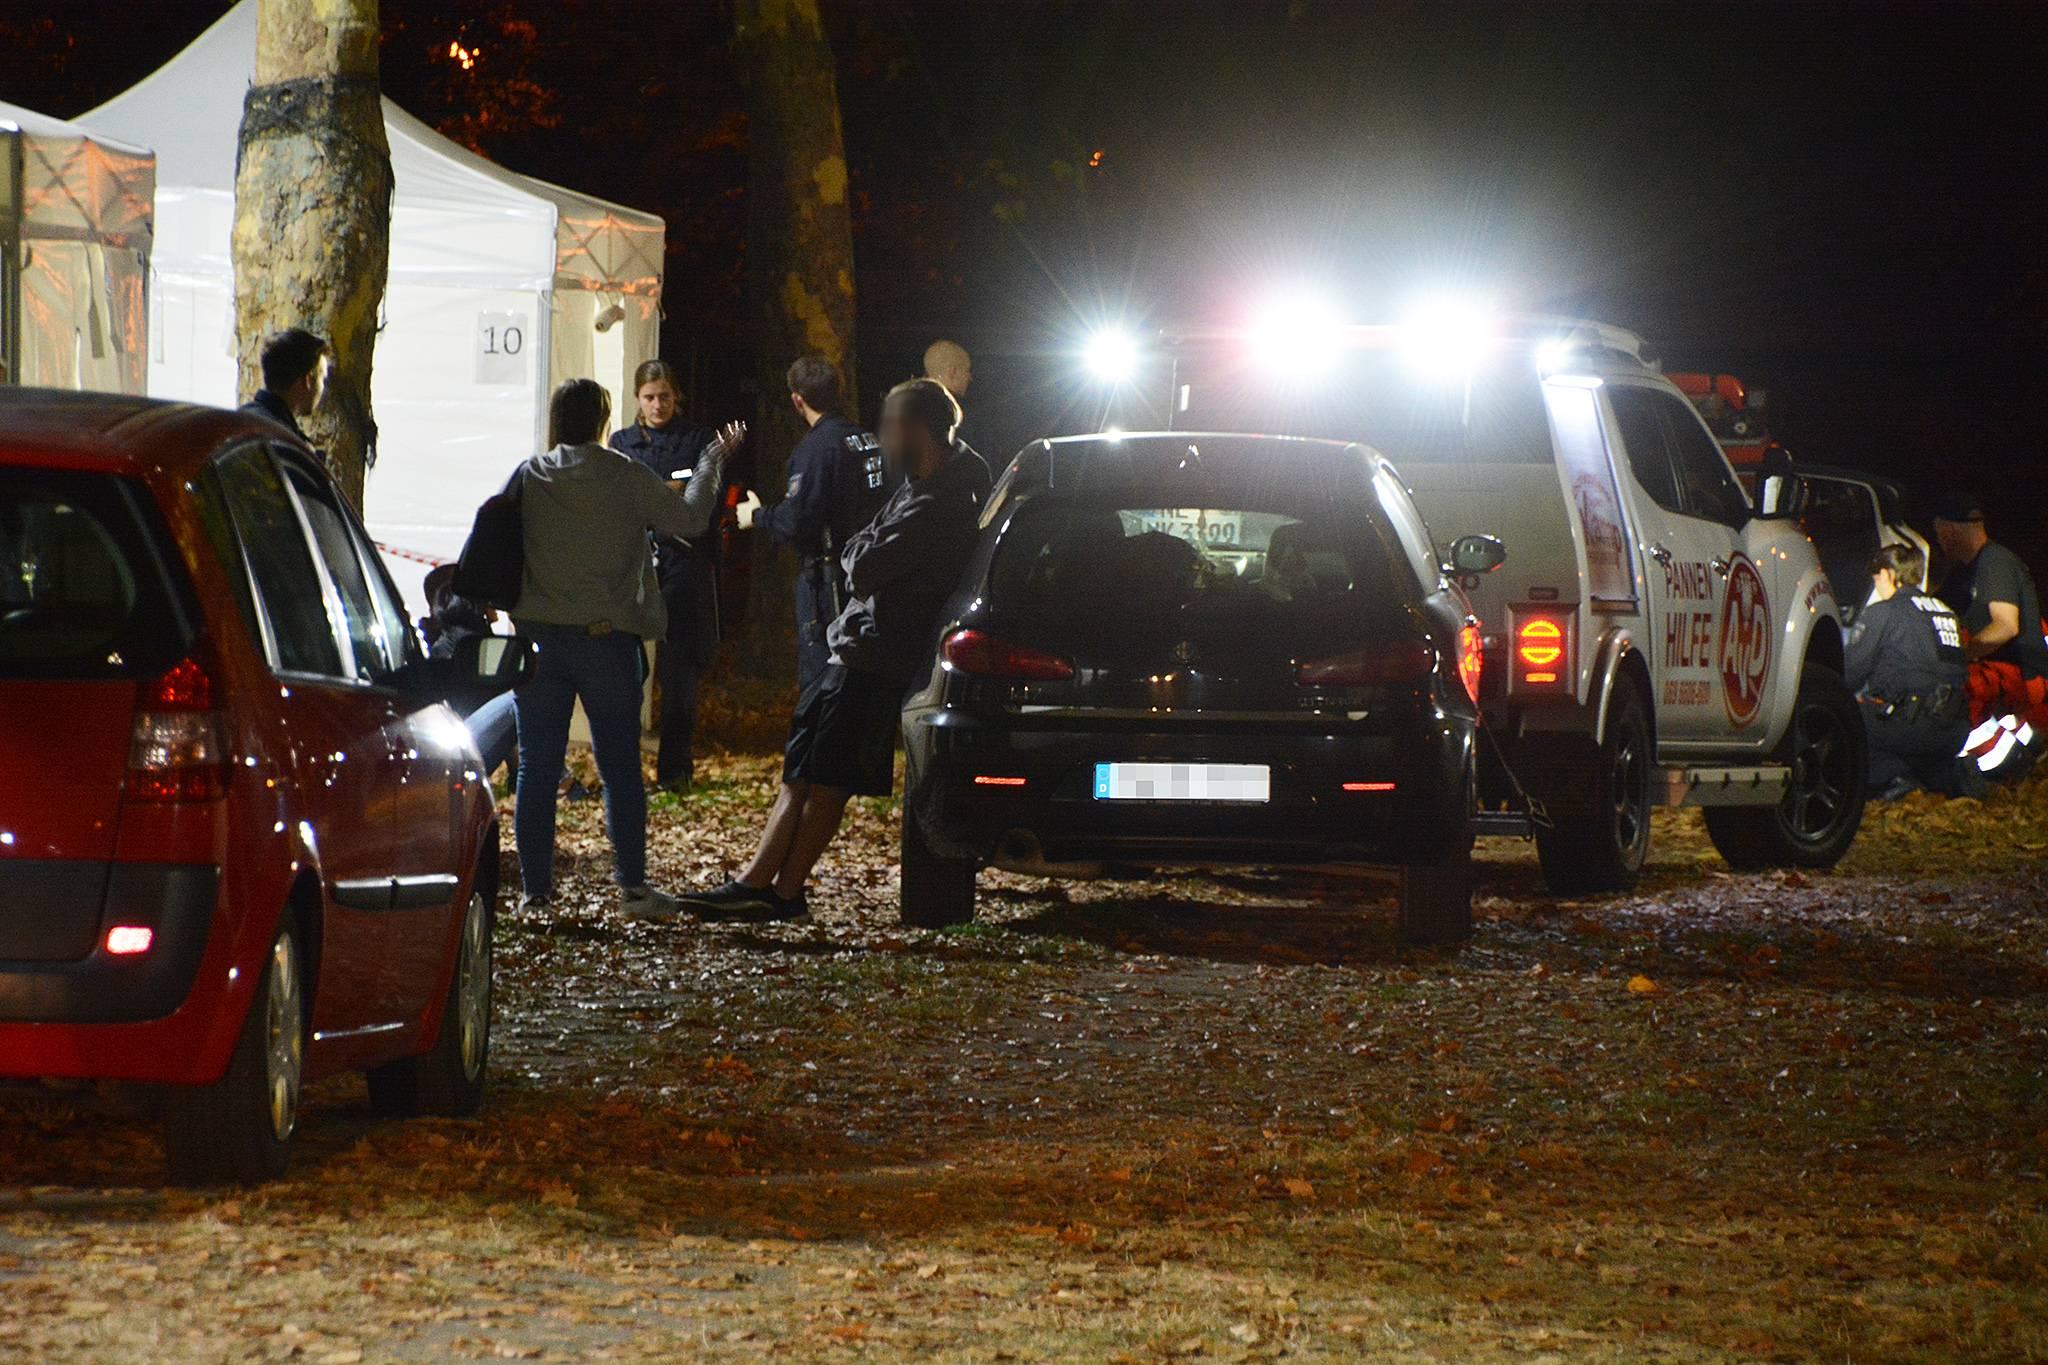 Polizeikontrollen Vor Festivals